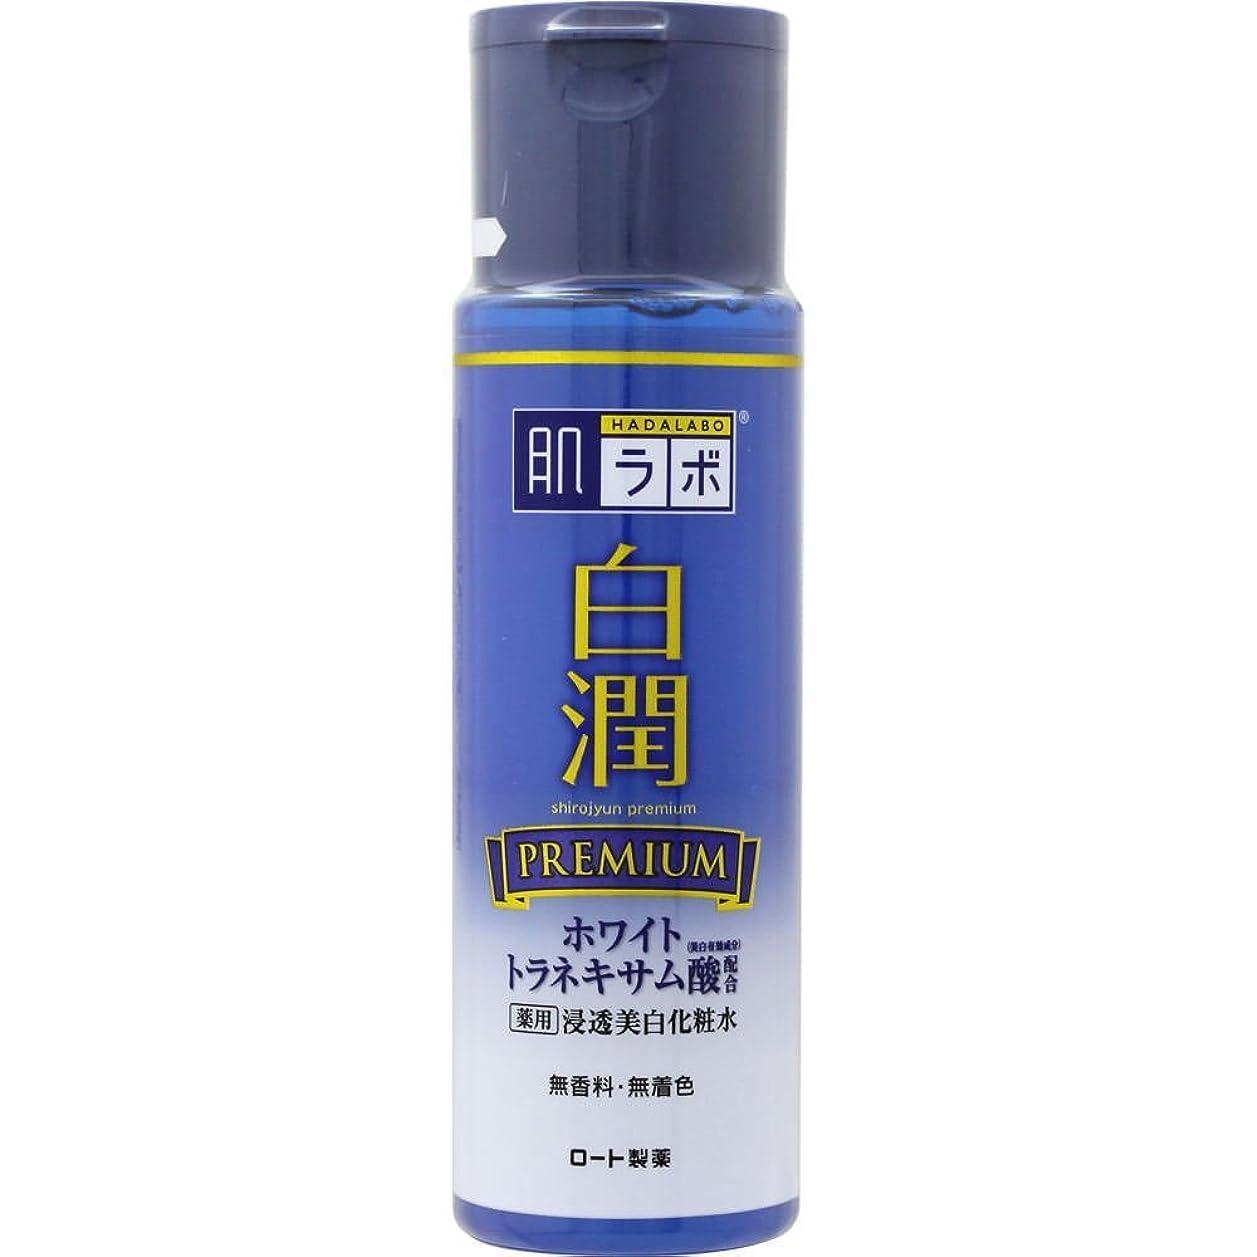 バイソン軌道自分の肌ラボ 白潤プレミアム 薬用浸透美白化粧水 170mL (医薬部外品)